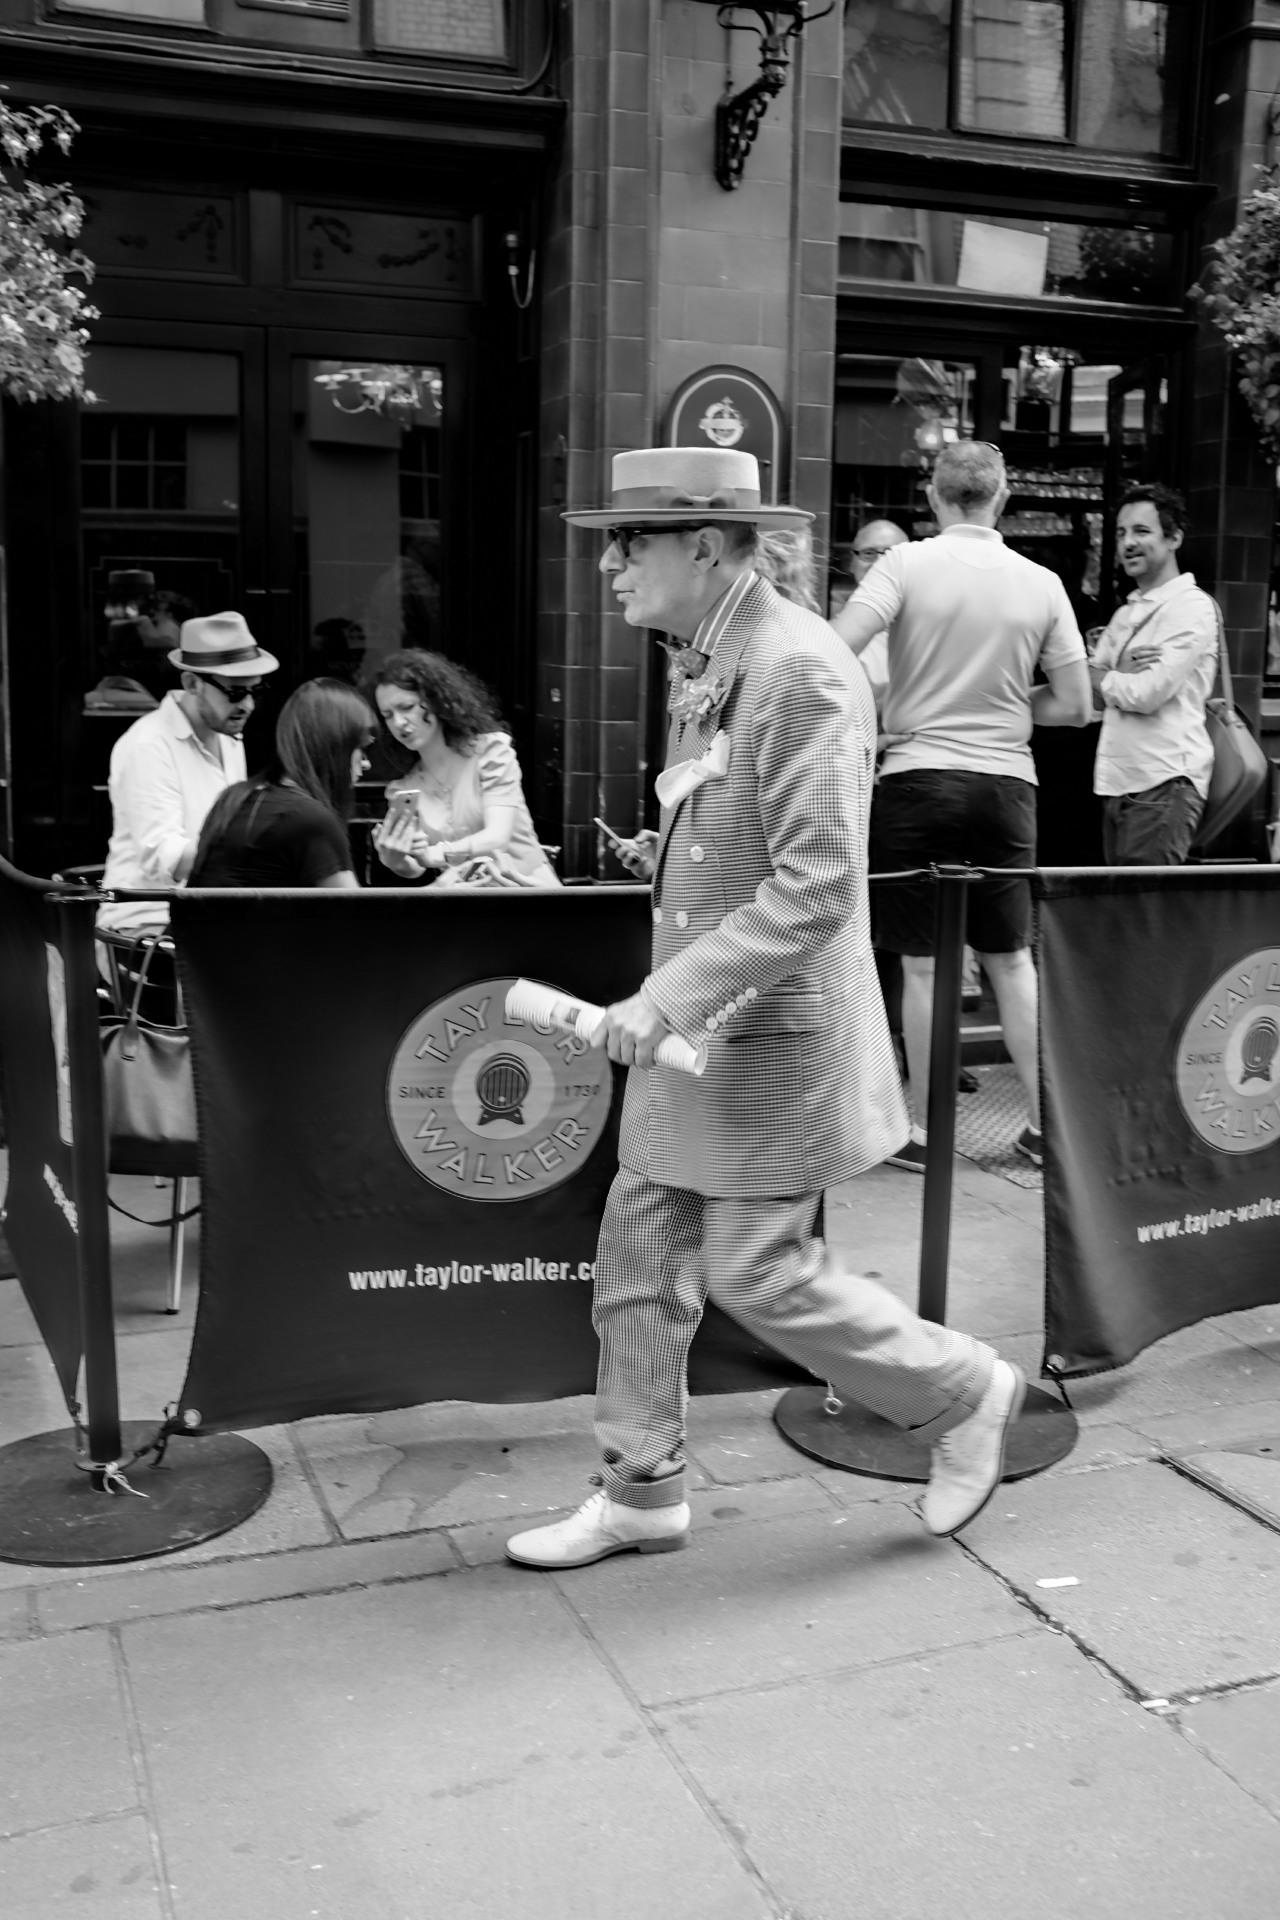 Street Walker - Seven Dials, London.